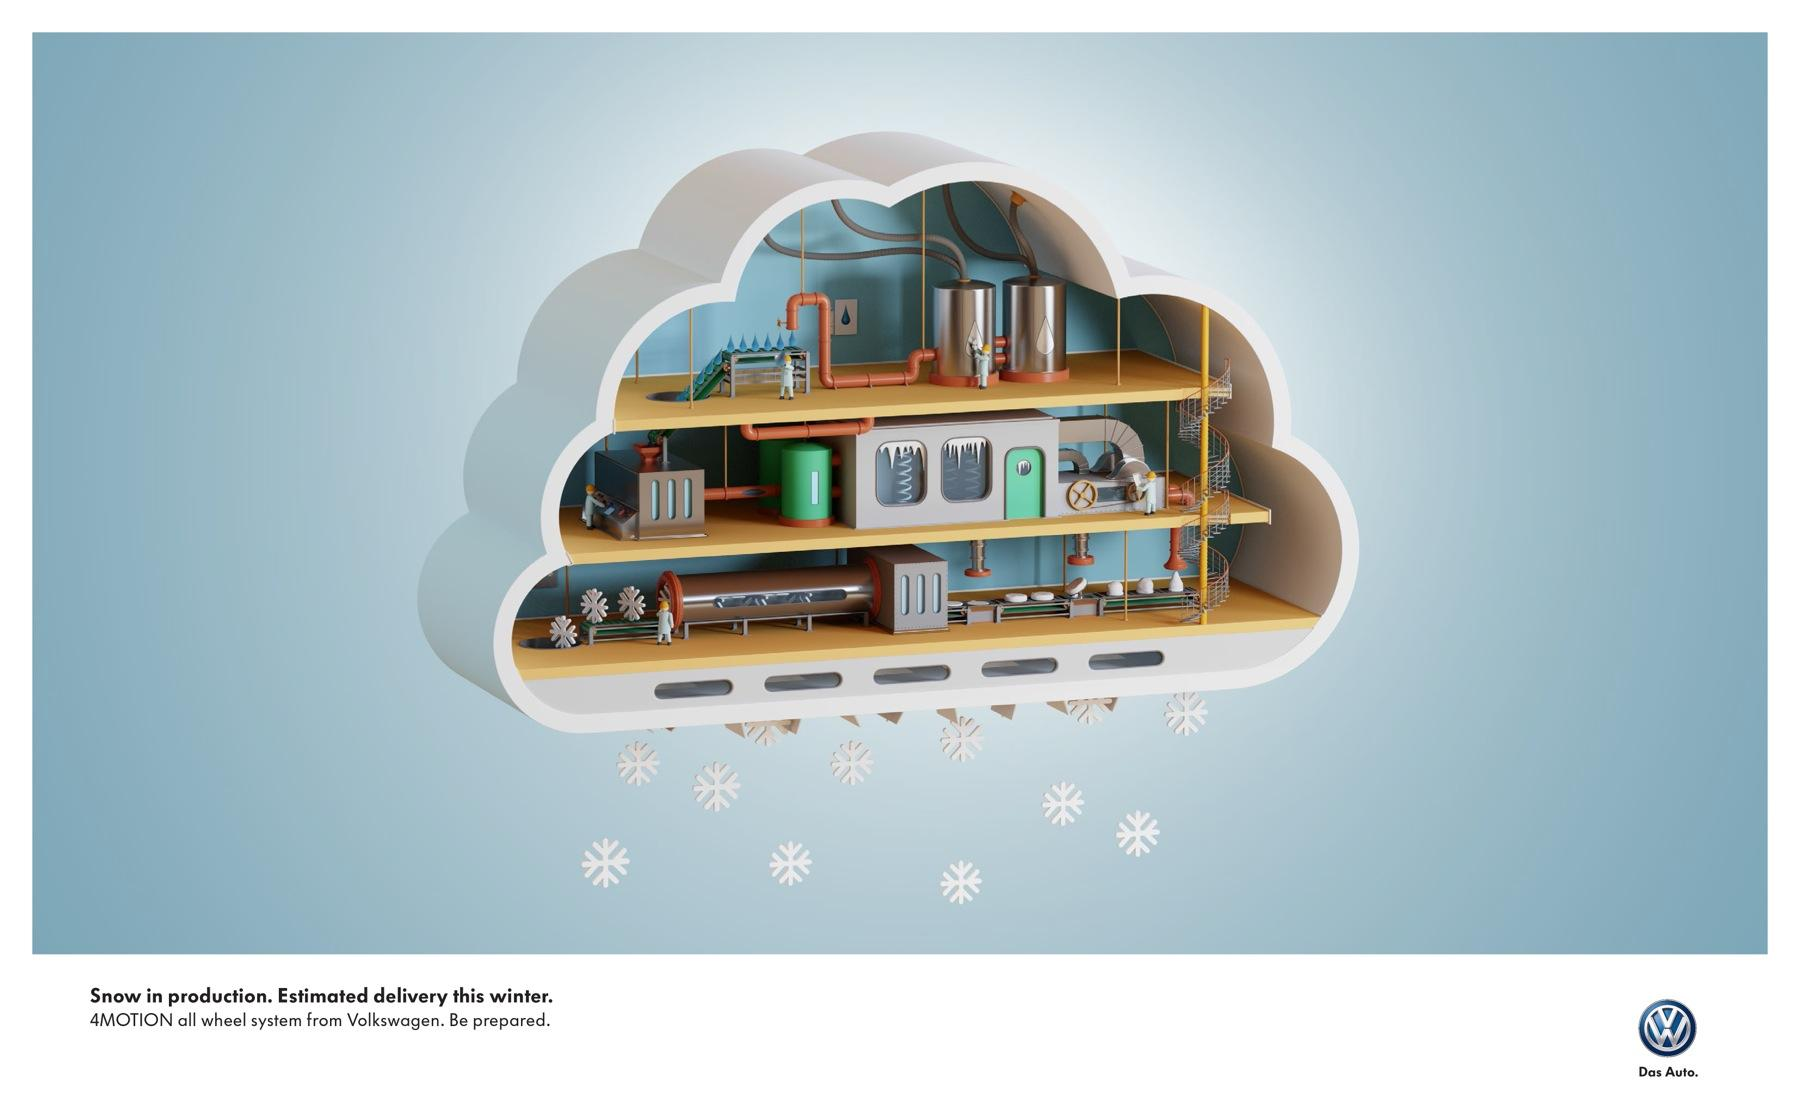 Bon courage aux Parisiens : les 80 publicités les plus créatives sur la Neige #neigeparis 25